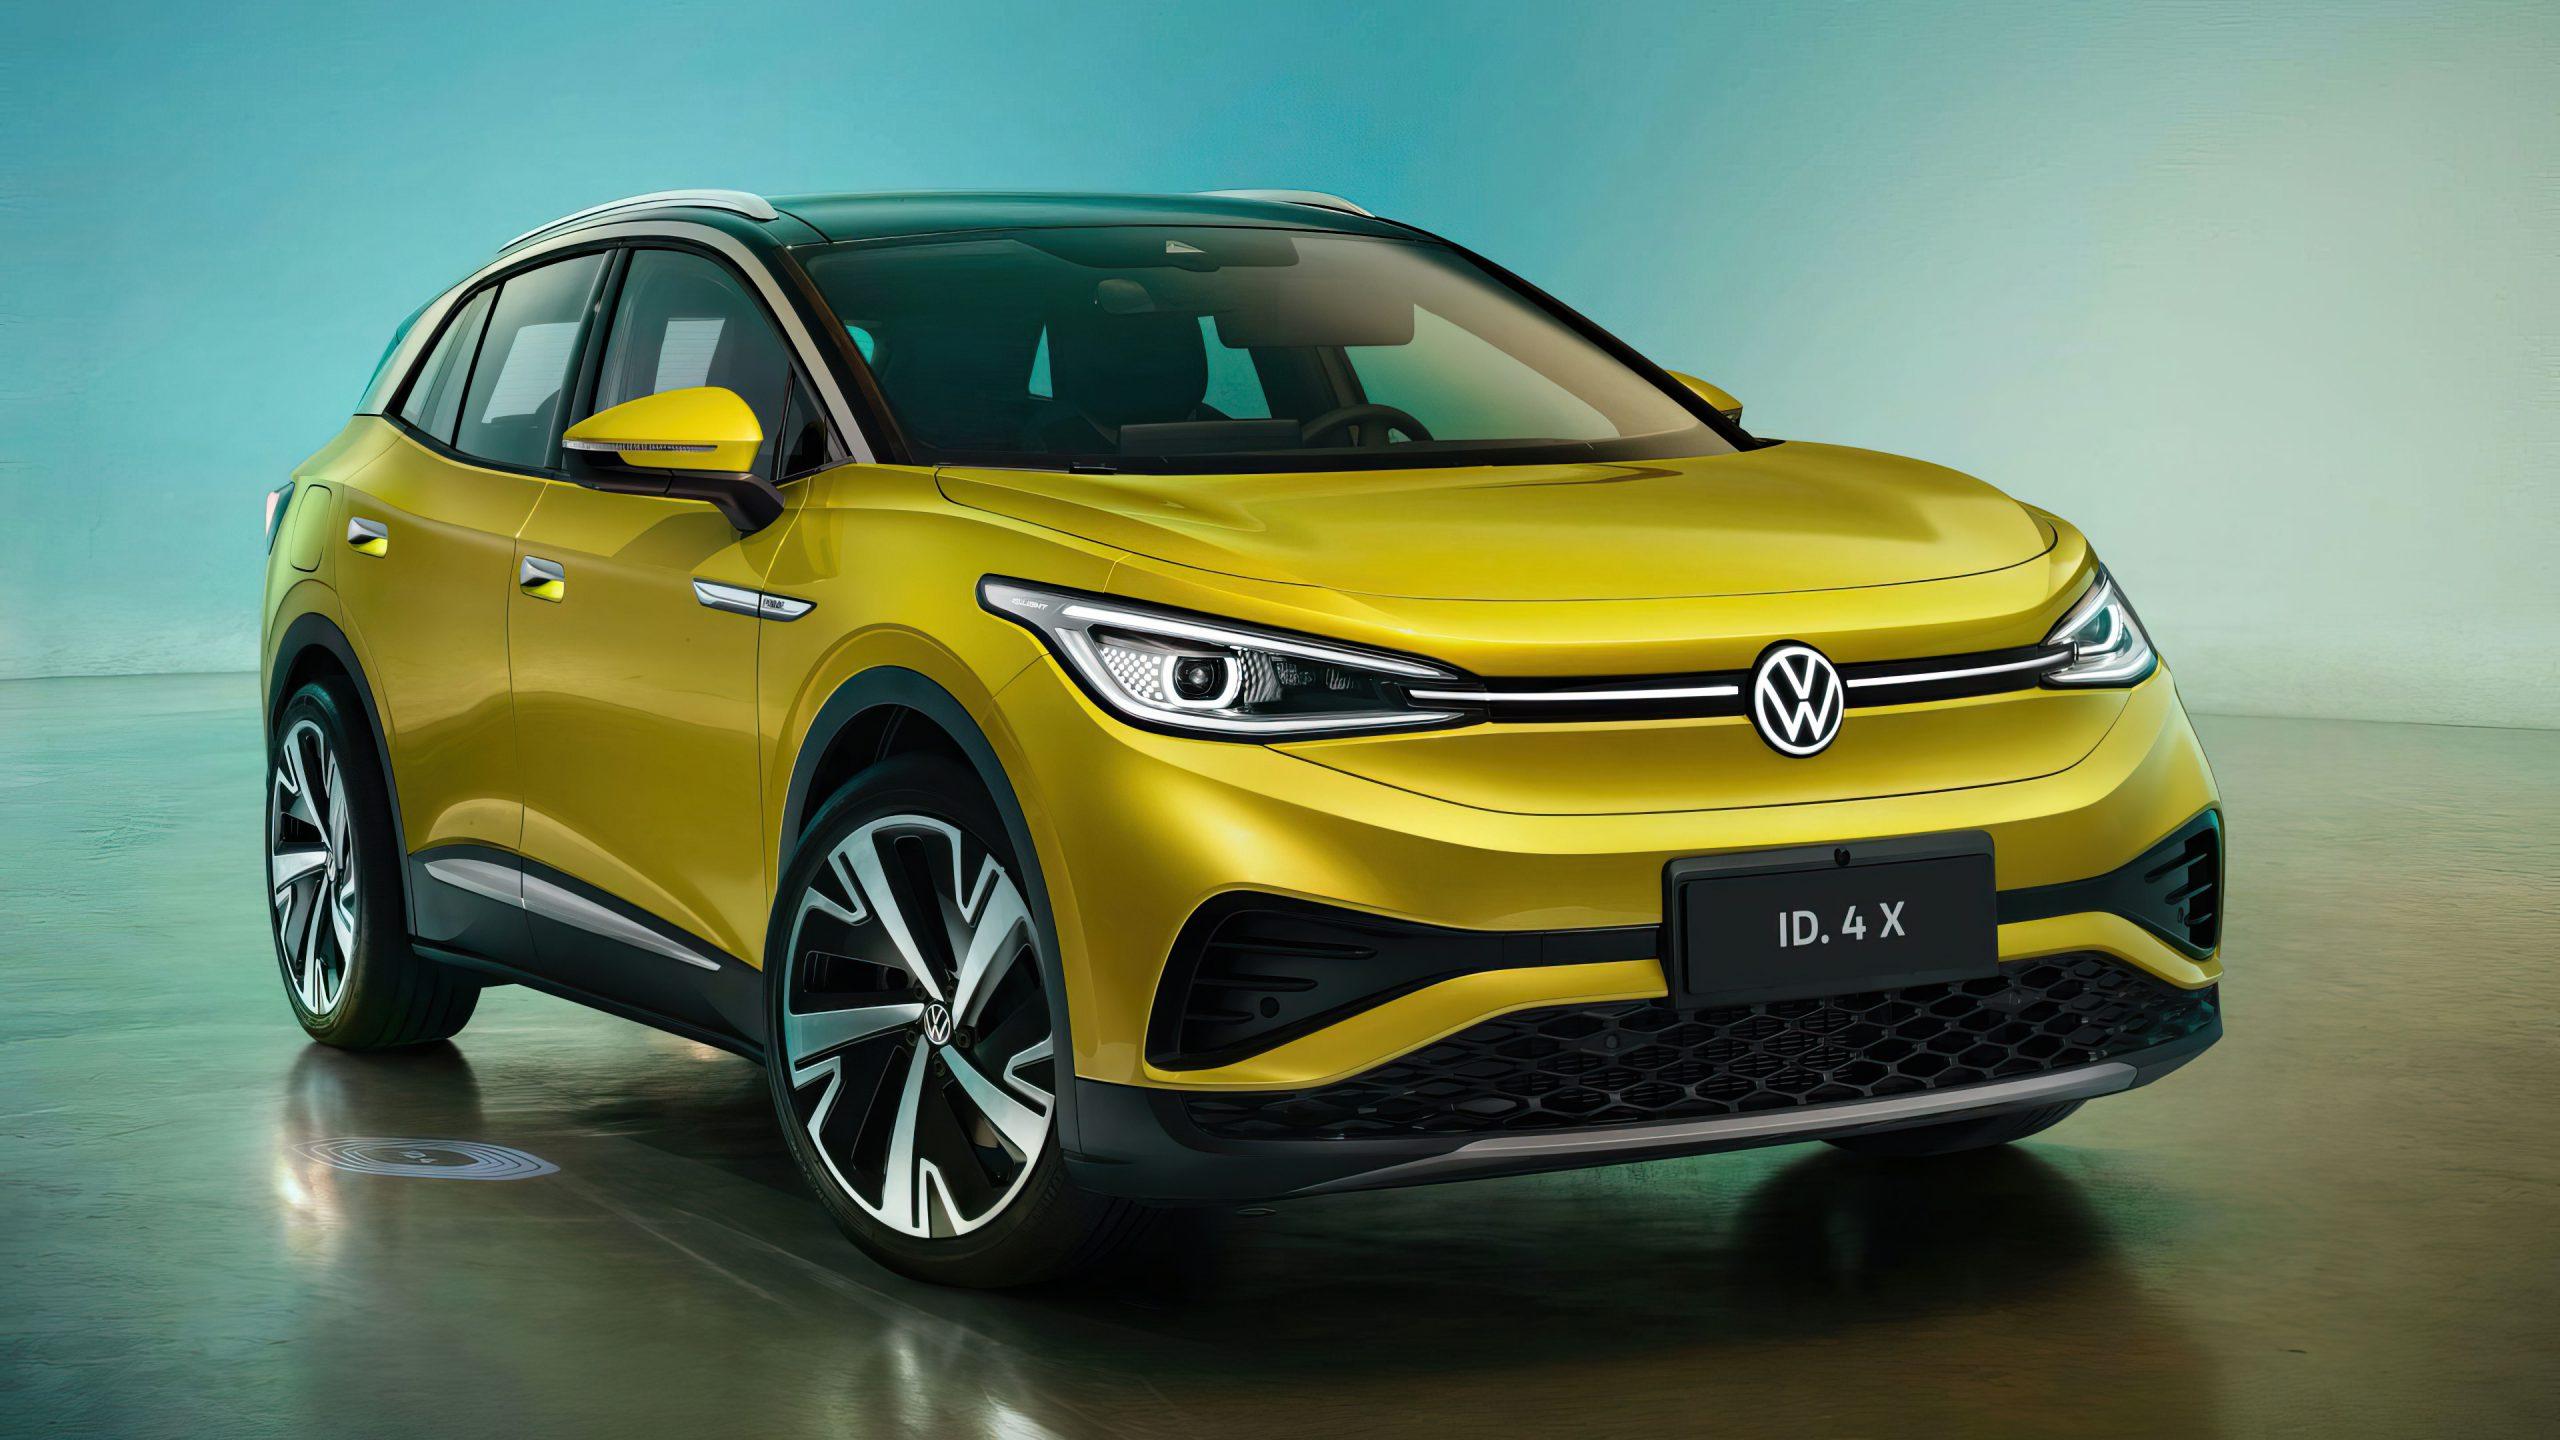 VW Volkswagen ID.4 X Kina